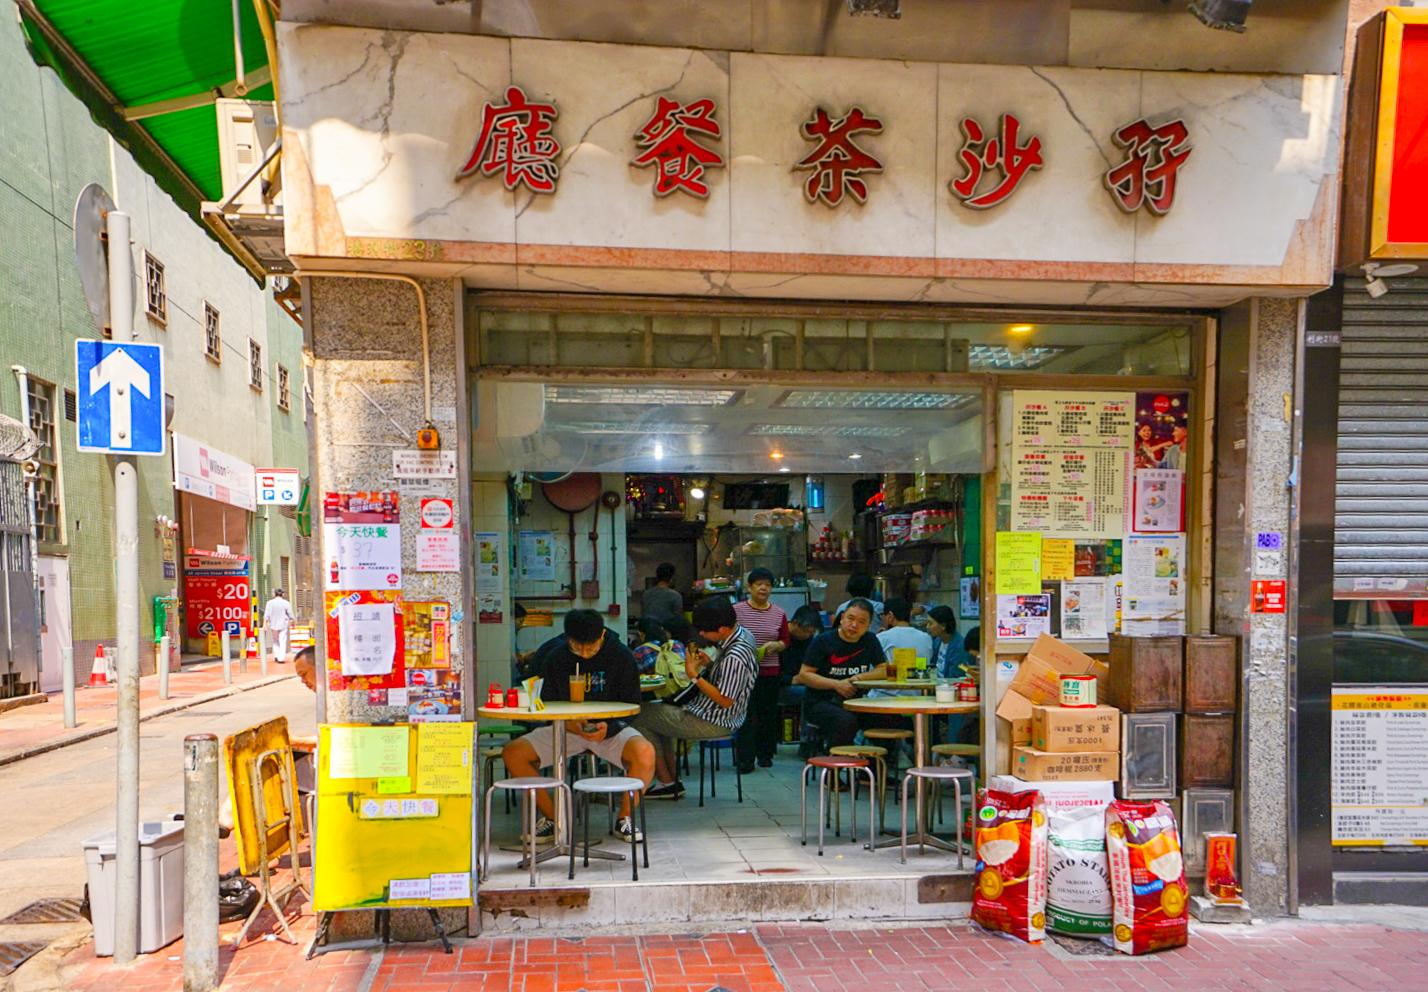 Ma Sa Restaurant in Hong Kong